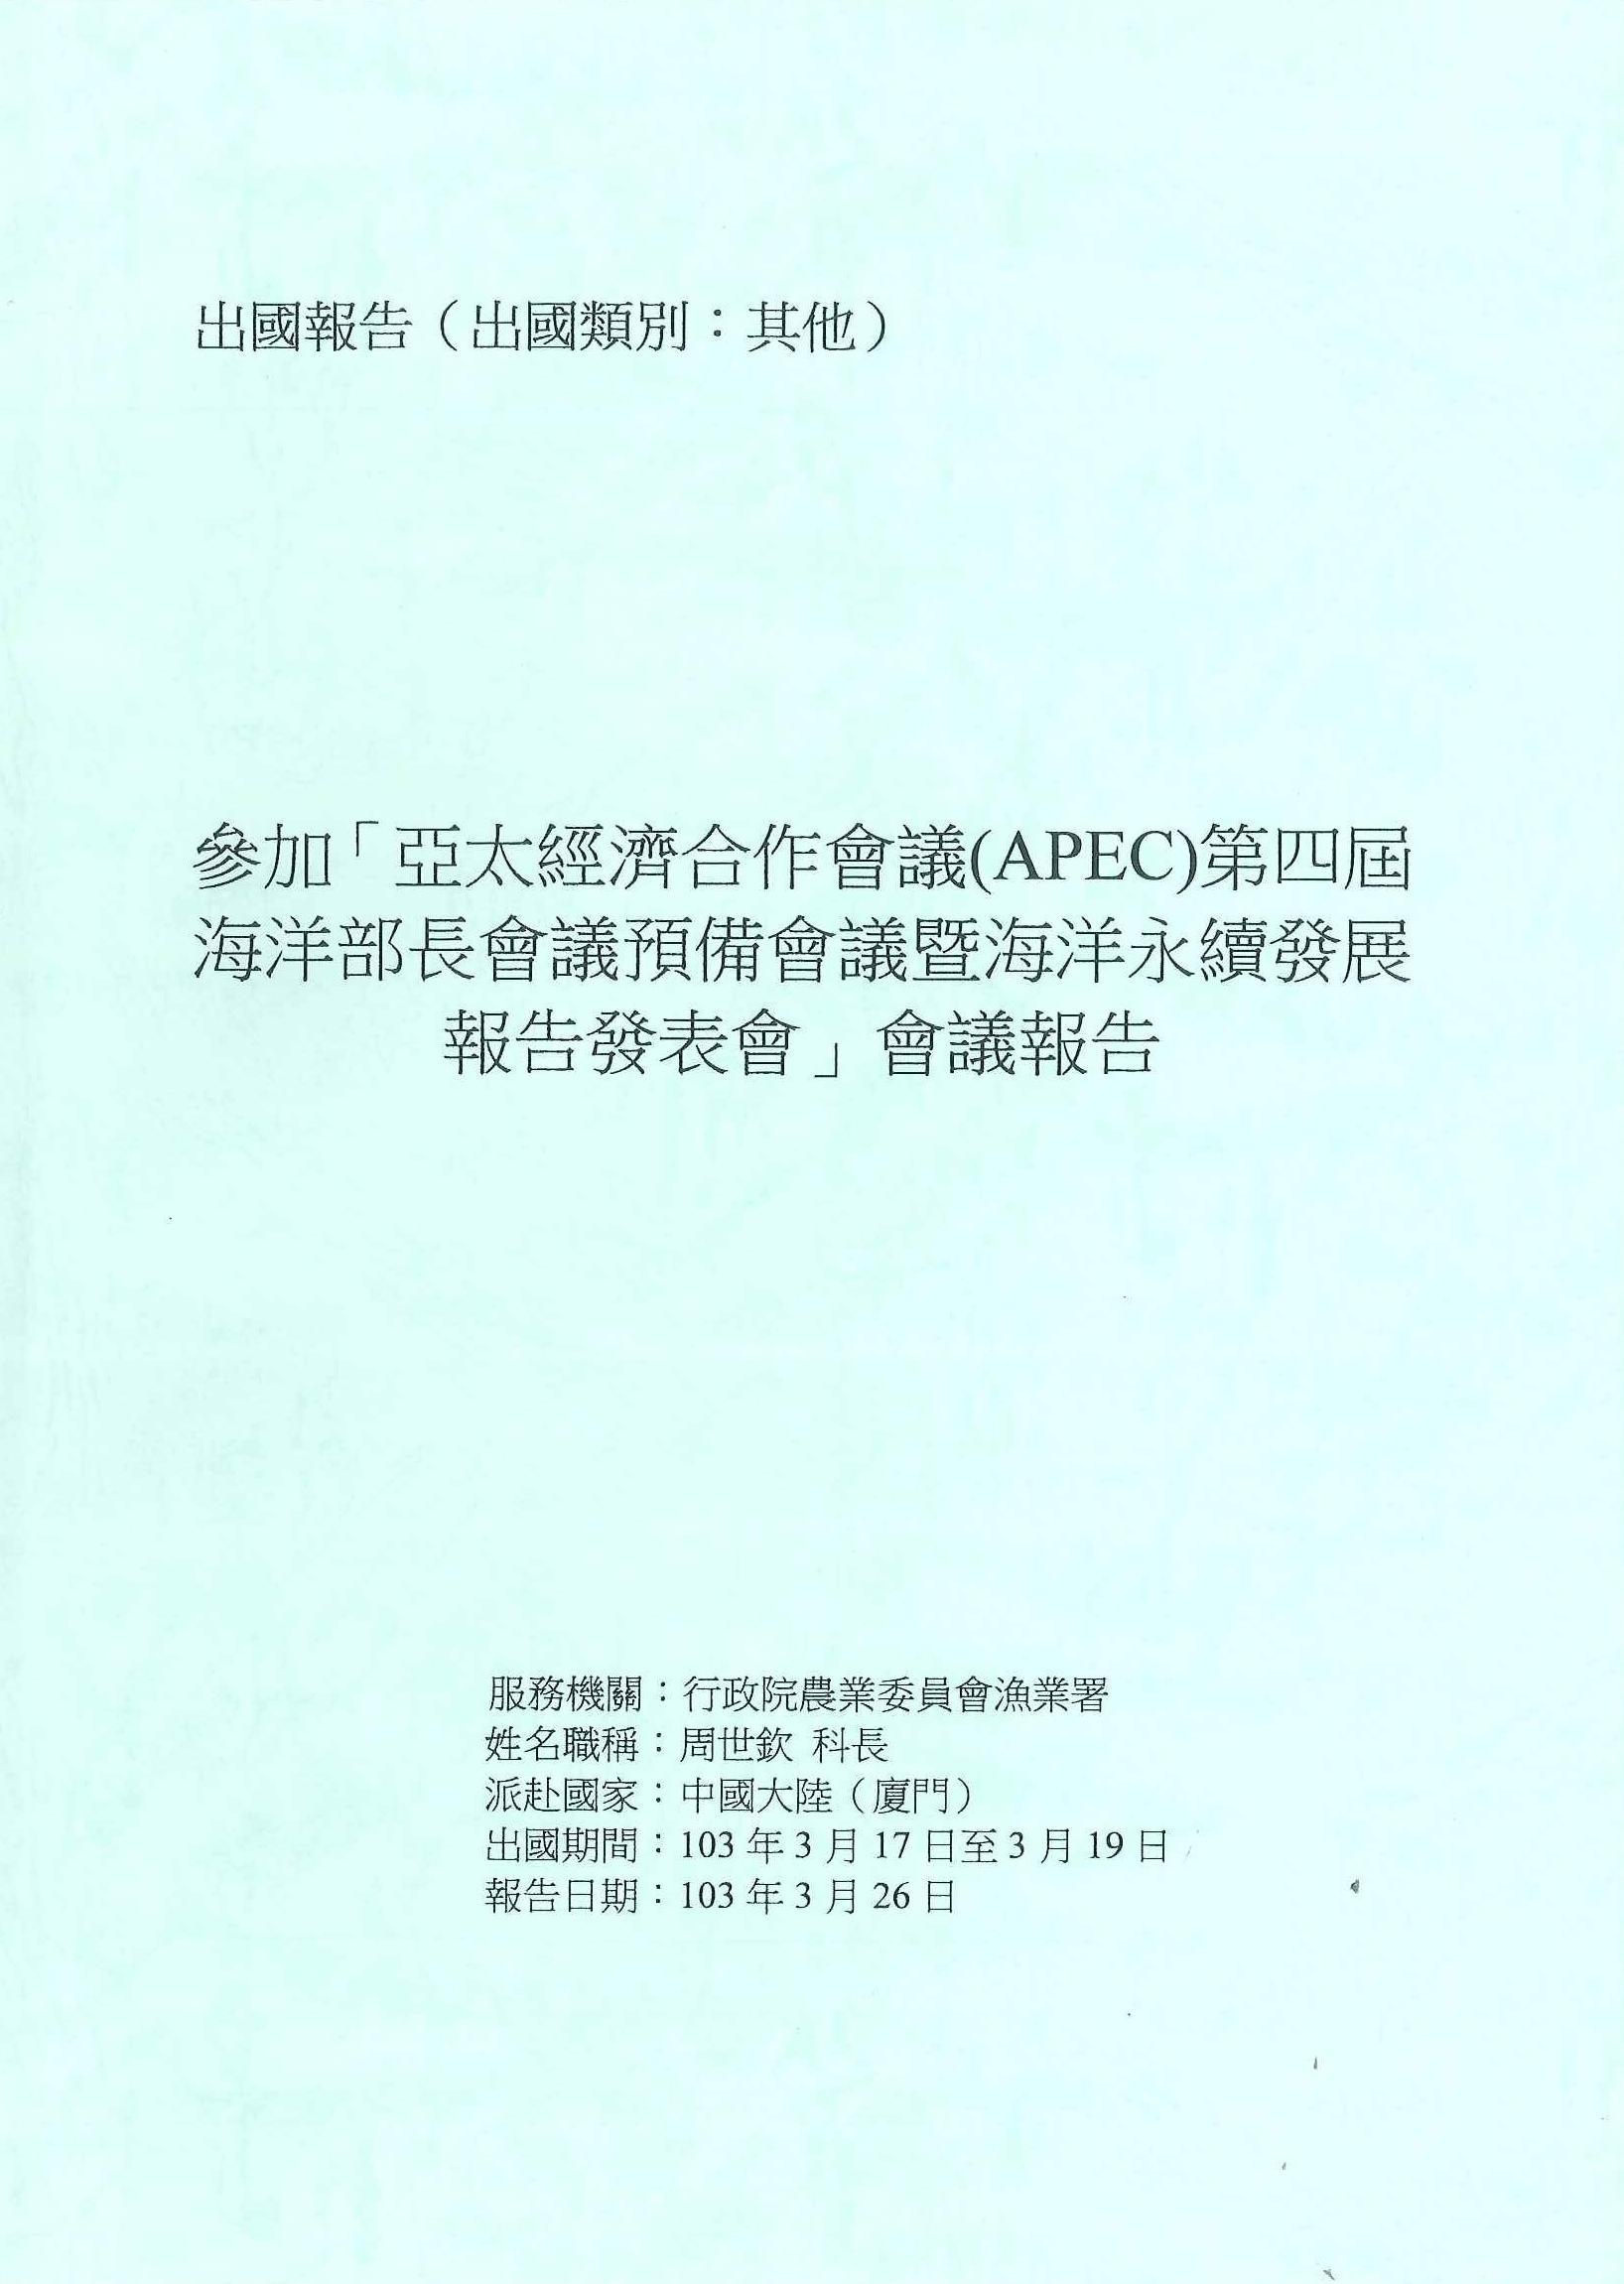 參加「亞太經濟合作會議(APEC)第四屆海洋部長會議預備會議暨海洋永續發展報告發表會」會議報告